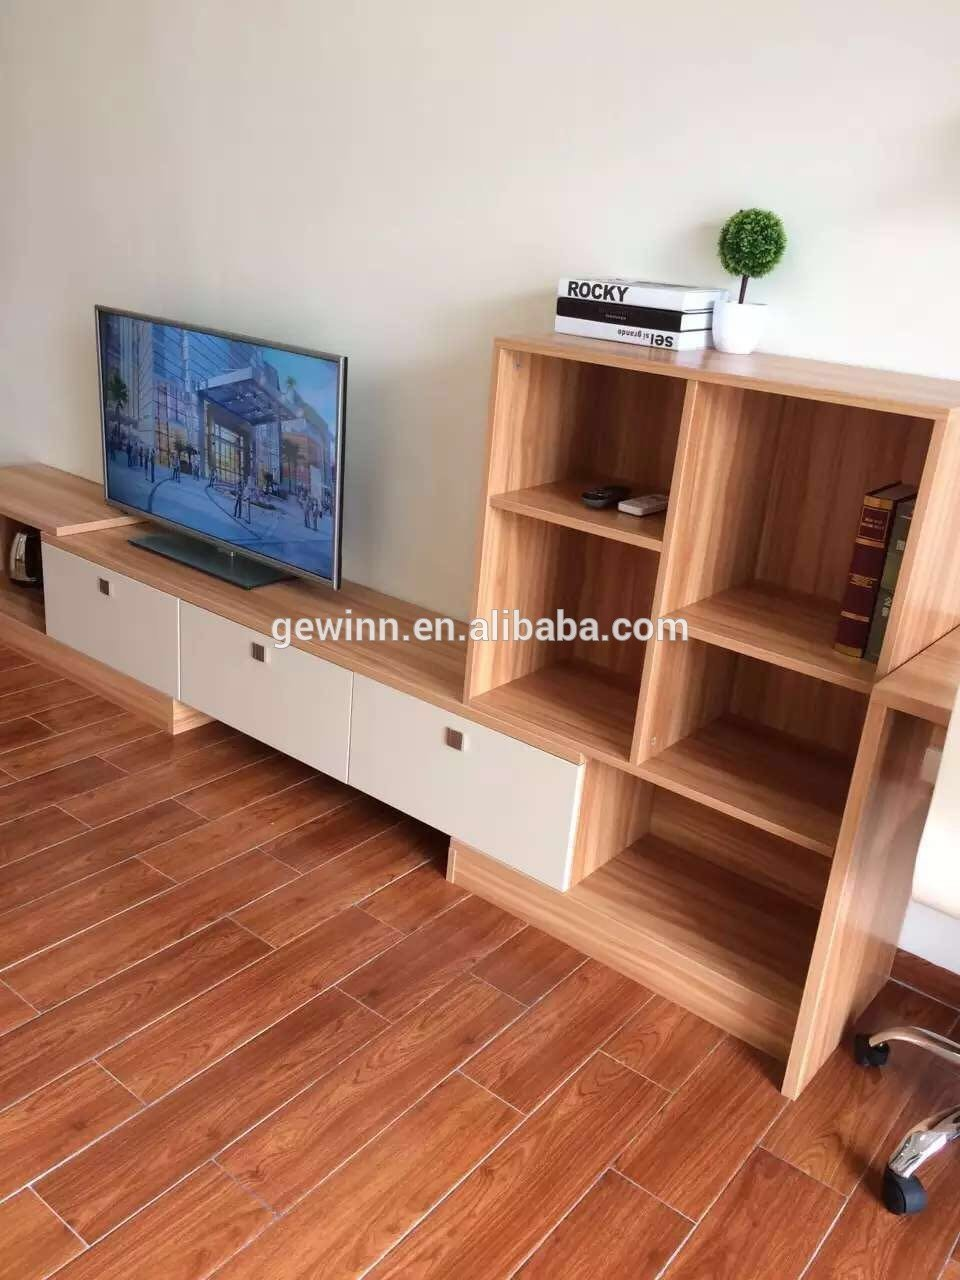 Hot woodworking equipment equipmentcomputer Gewinn Brand